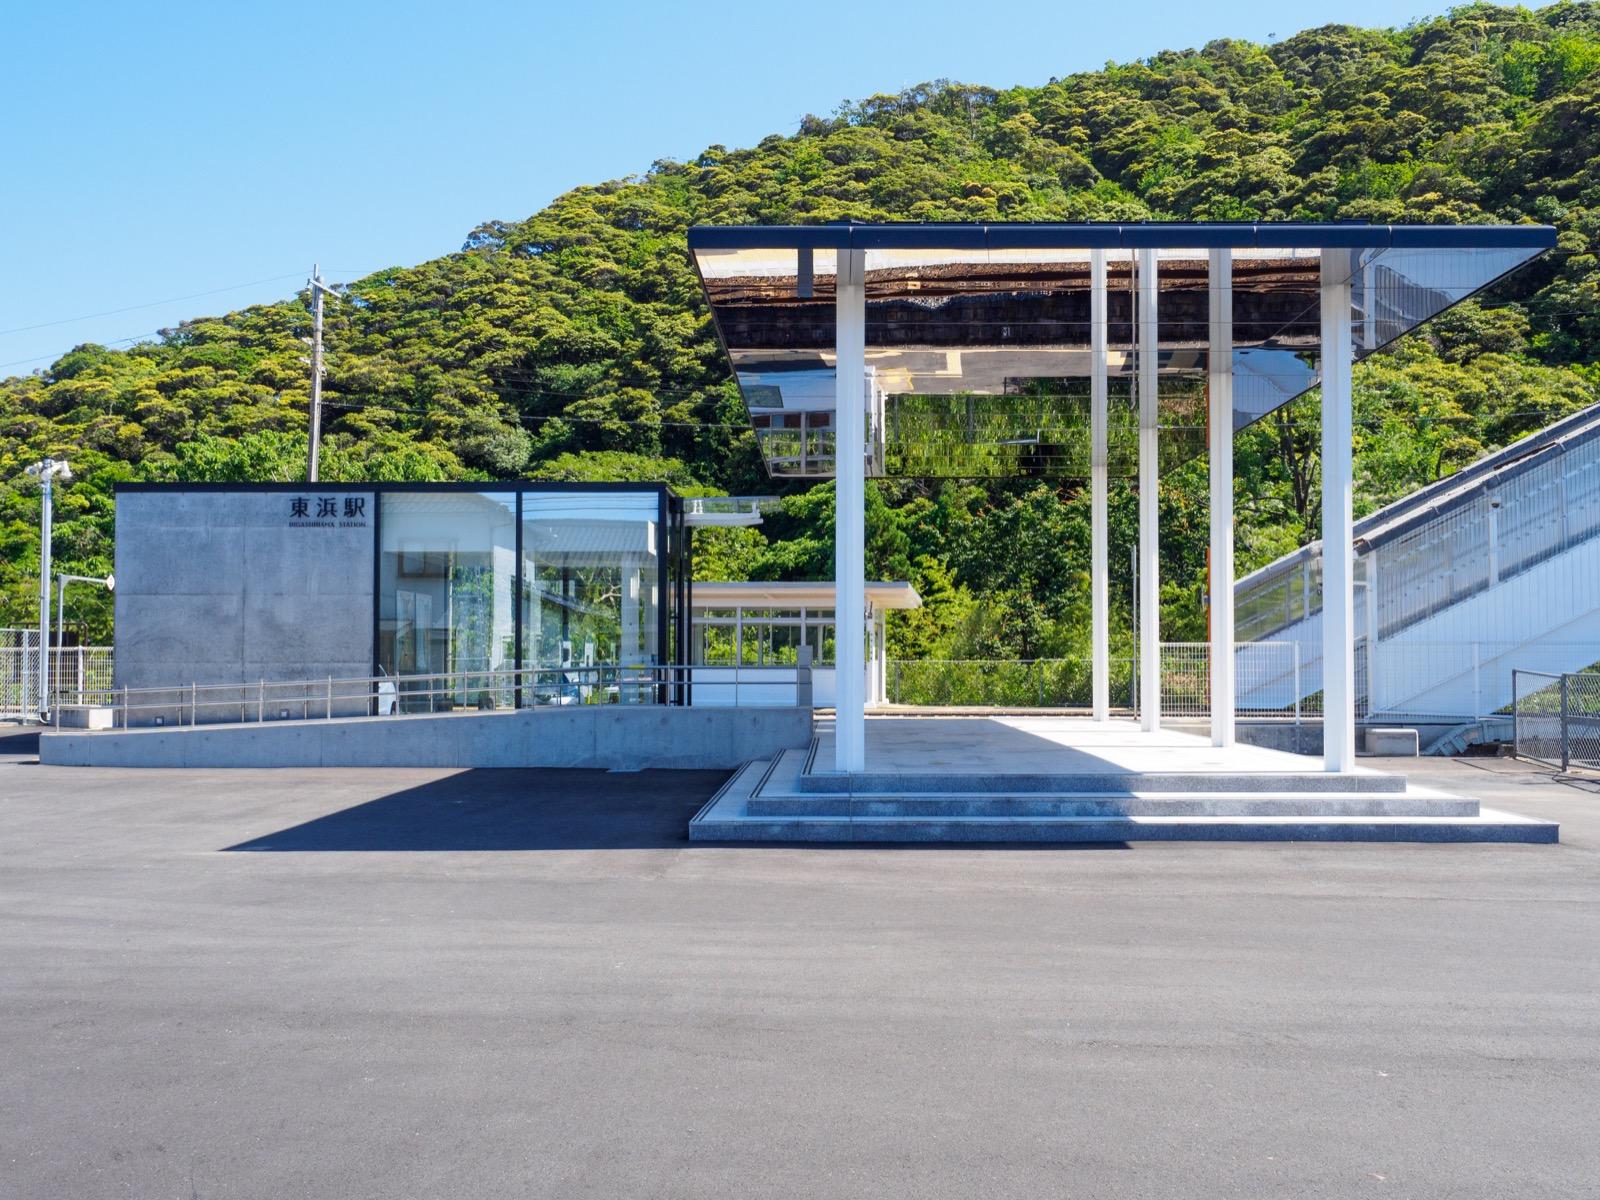 東浜駅の駅舎